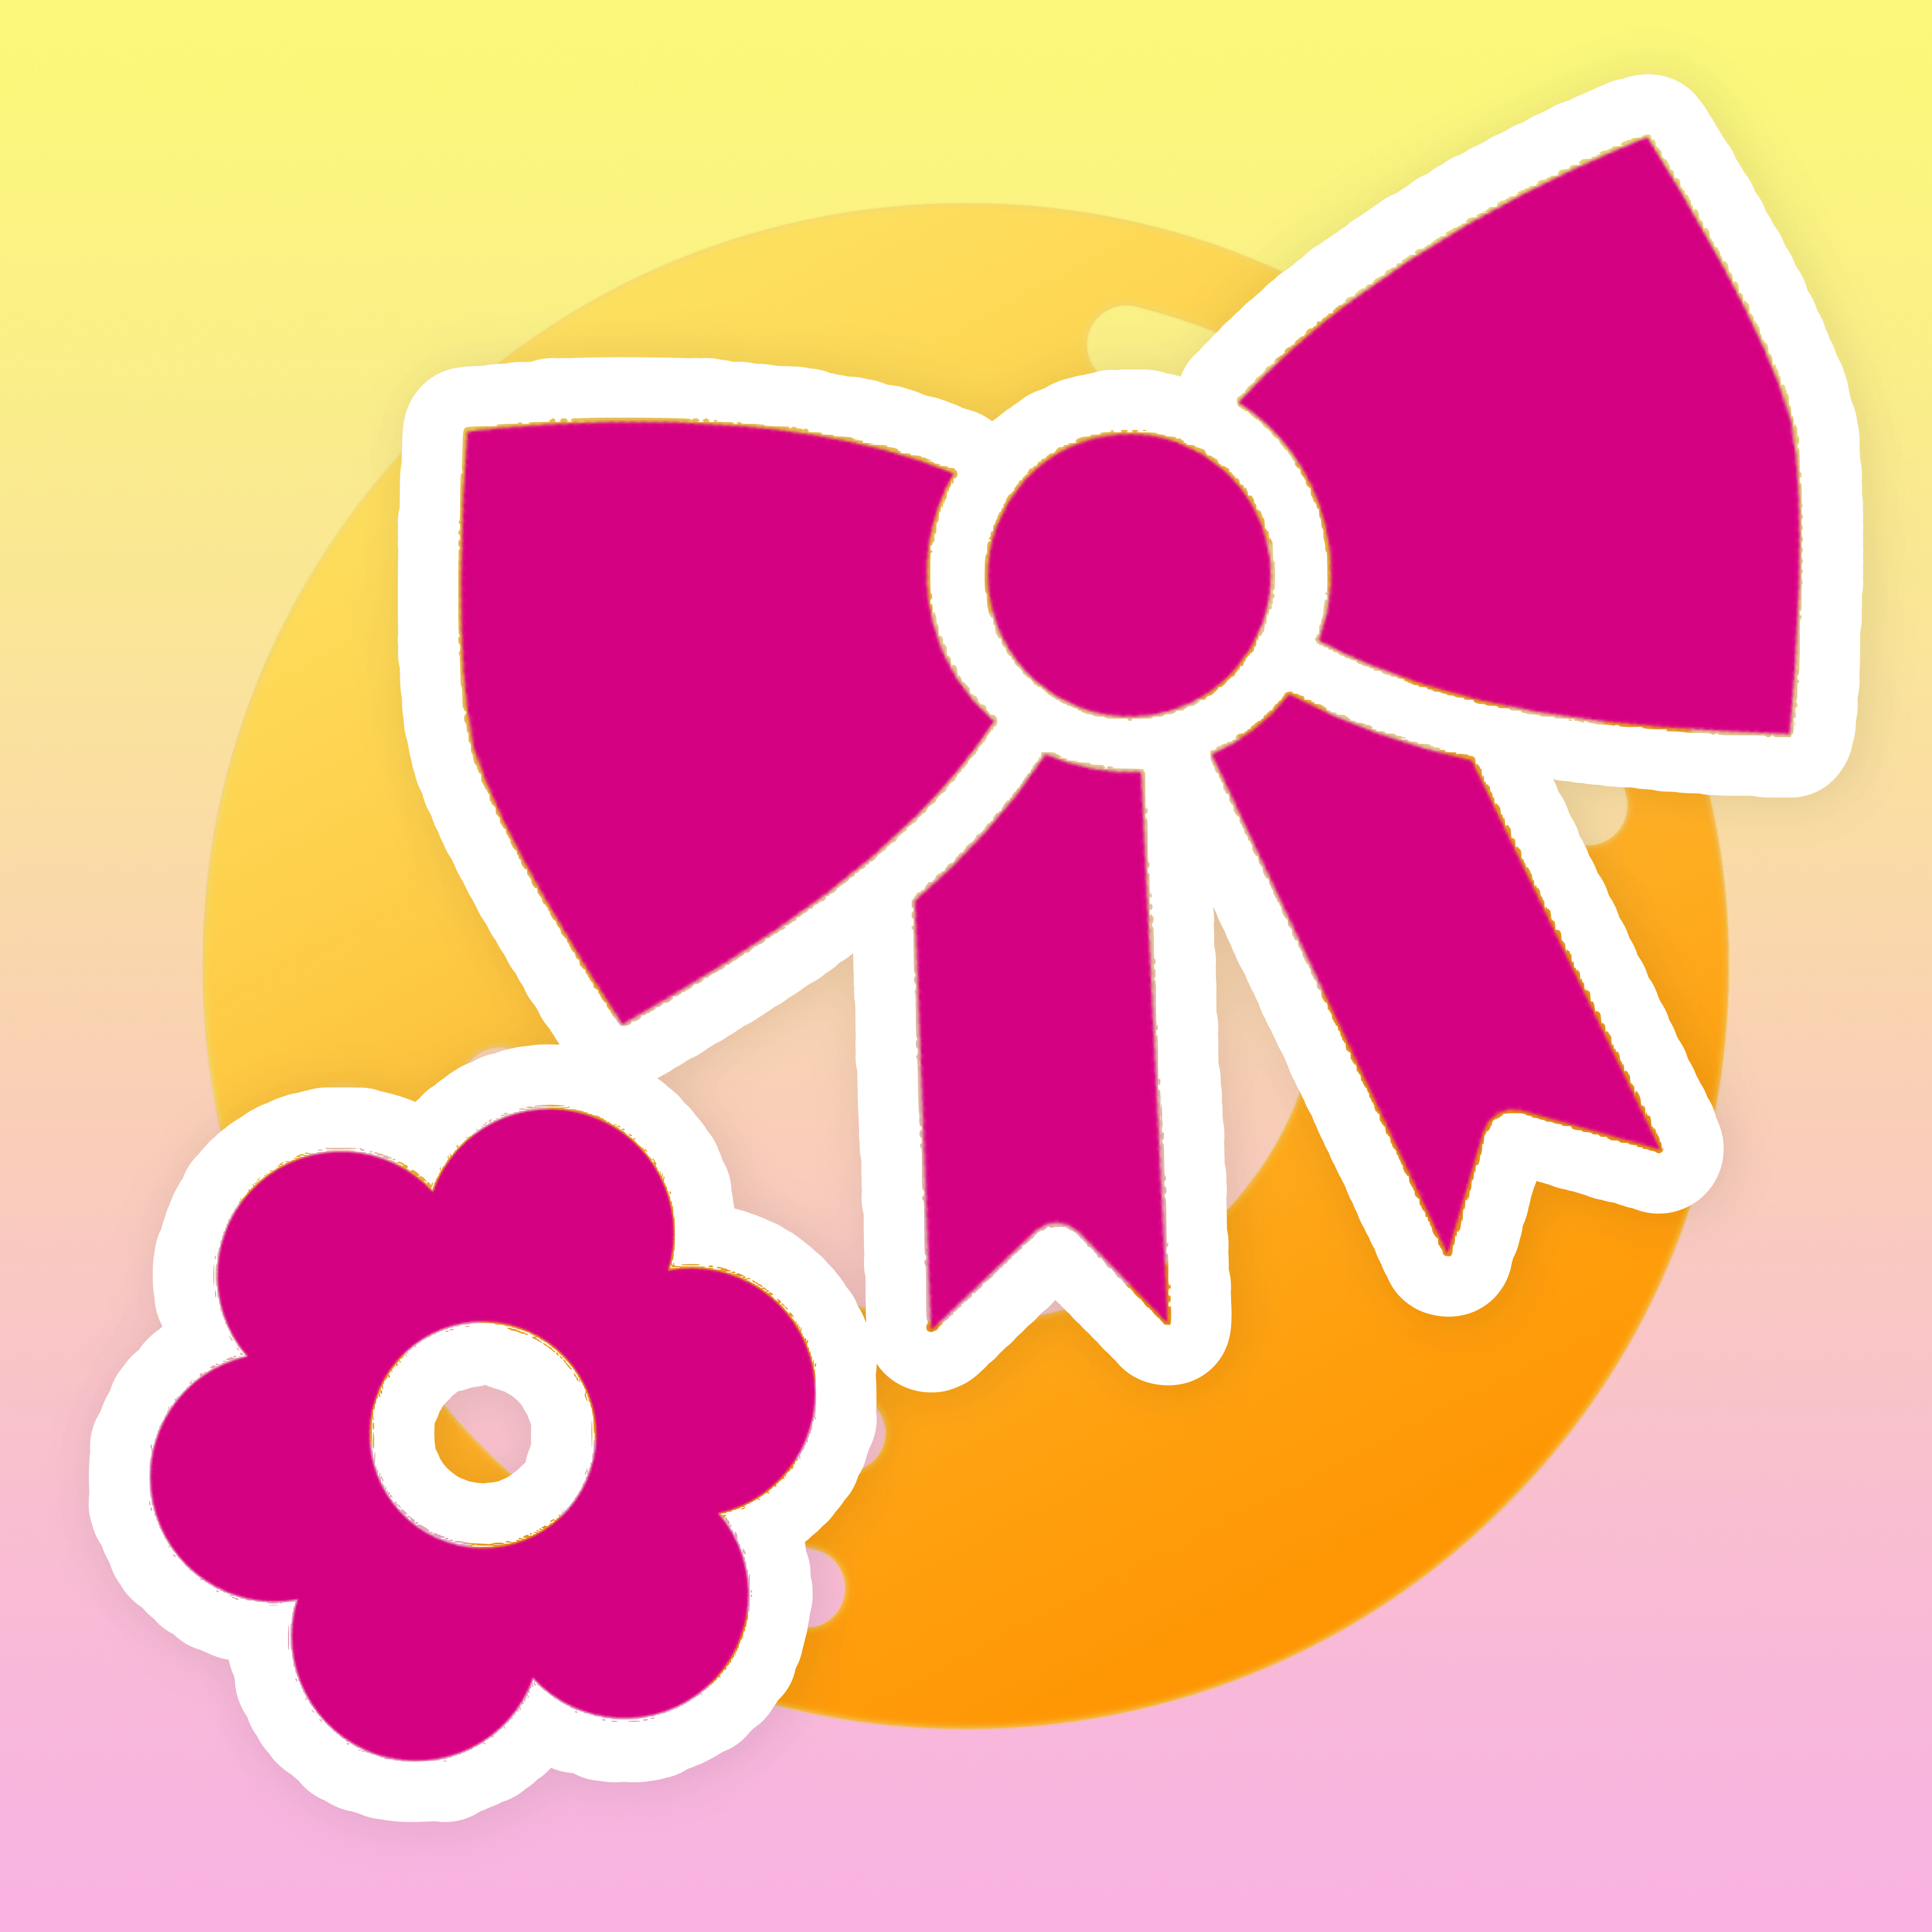 alfm00 avatar